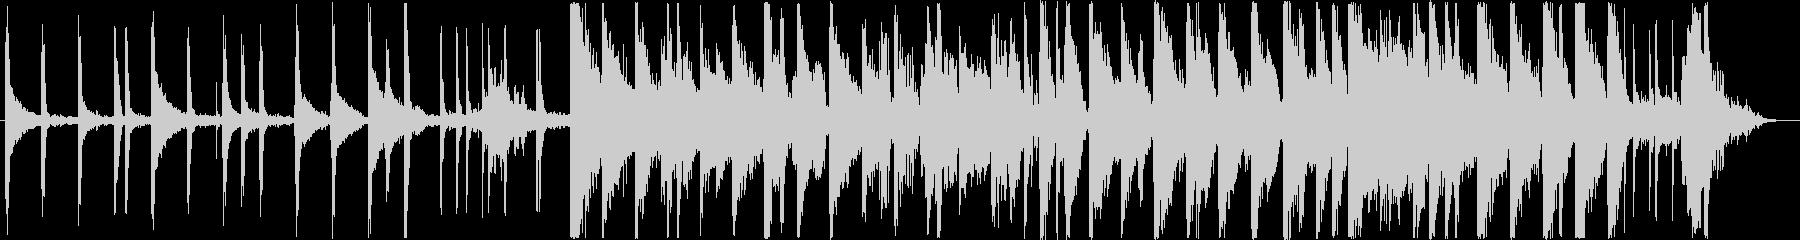 映像同期に適したオシャレなピアノJAZZの未再生の波形